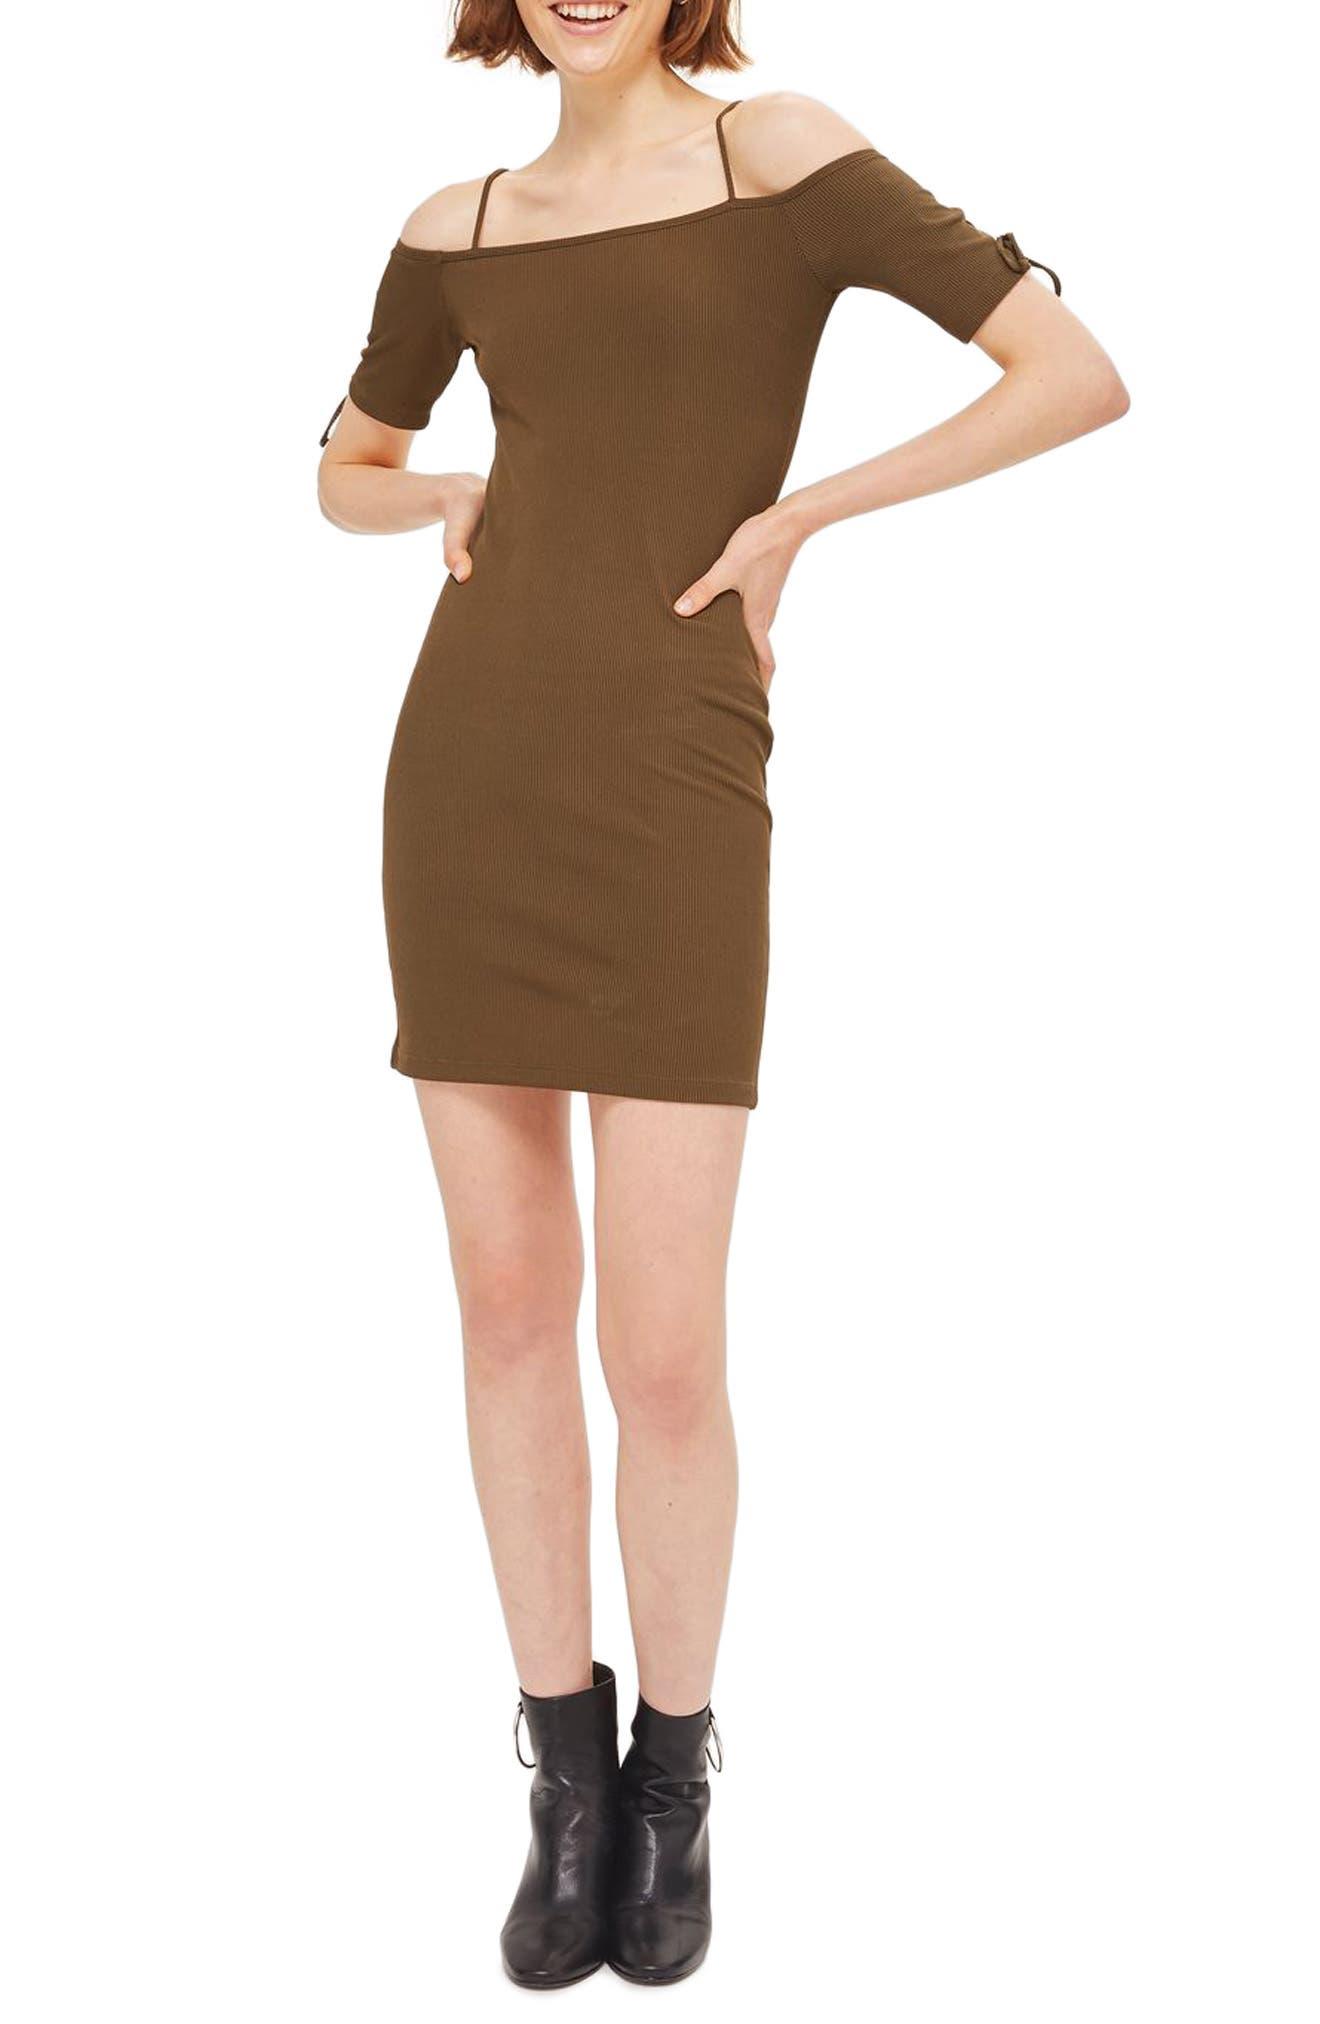 Bardot Lace-Up Sleeve Dress,                             Main thumbnail 1, color,                             300